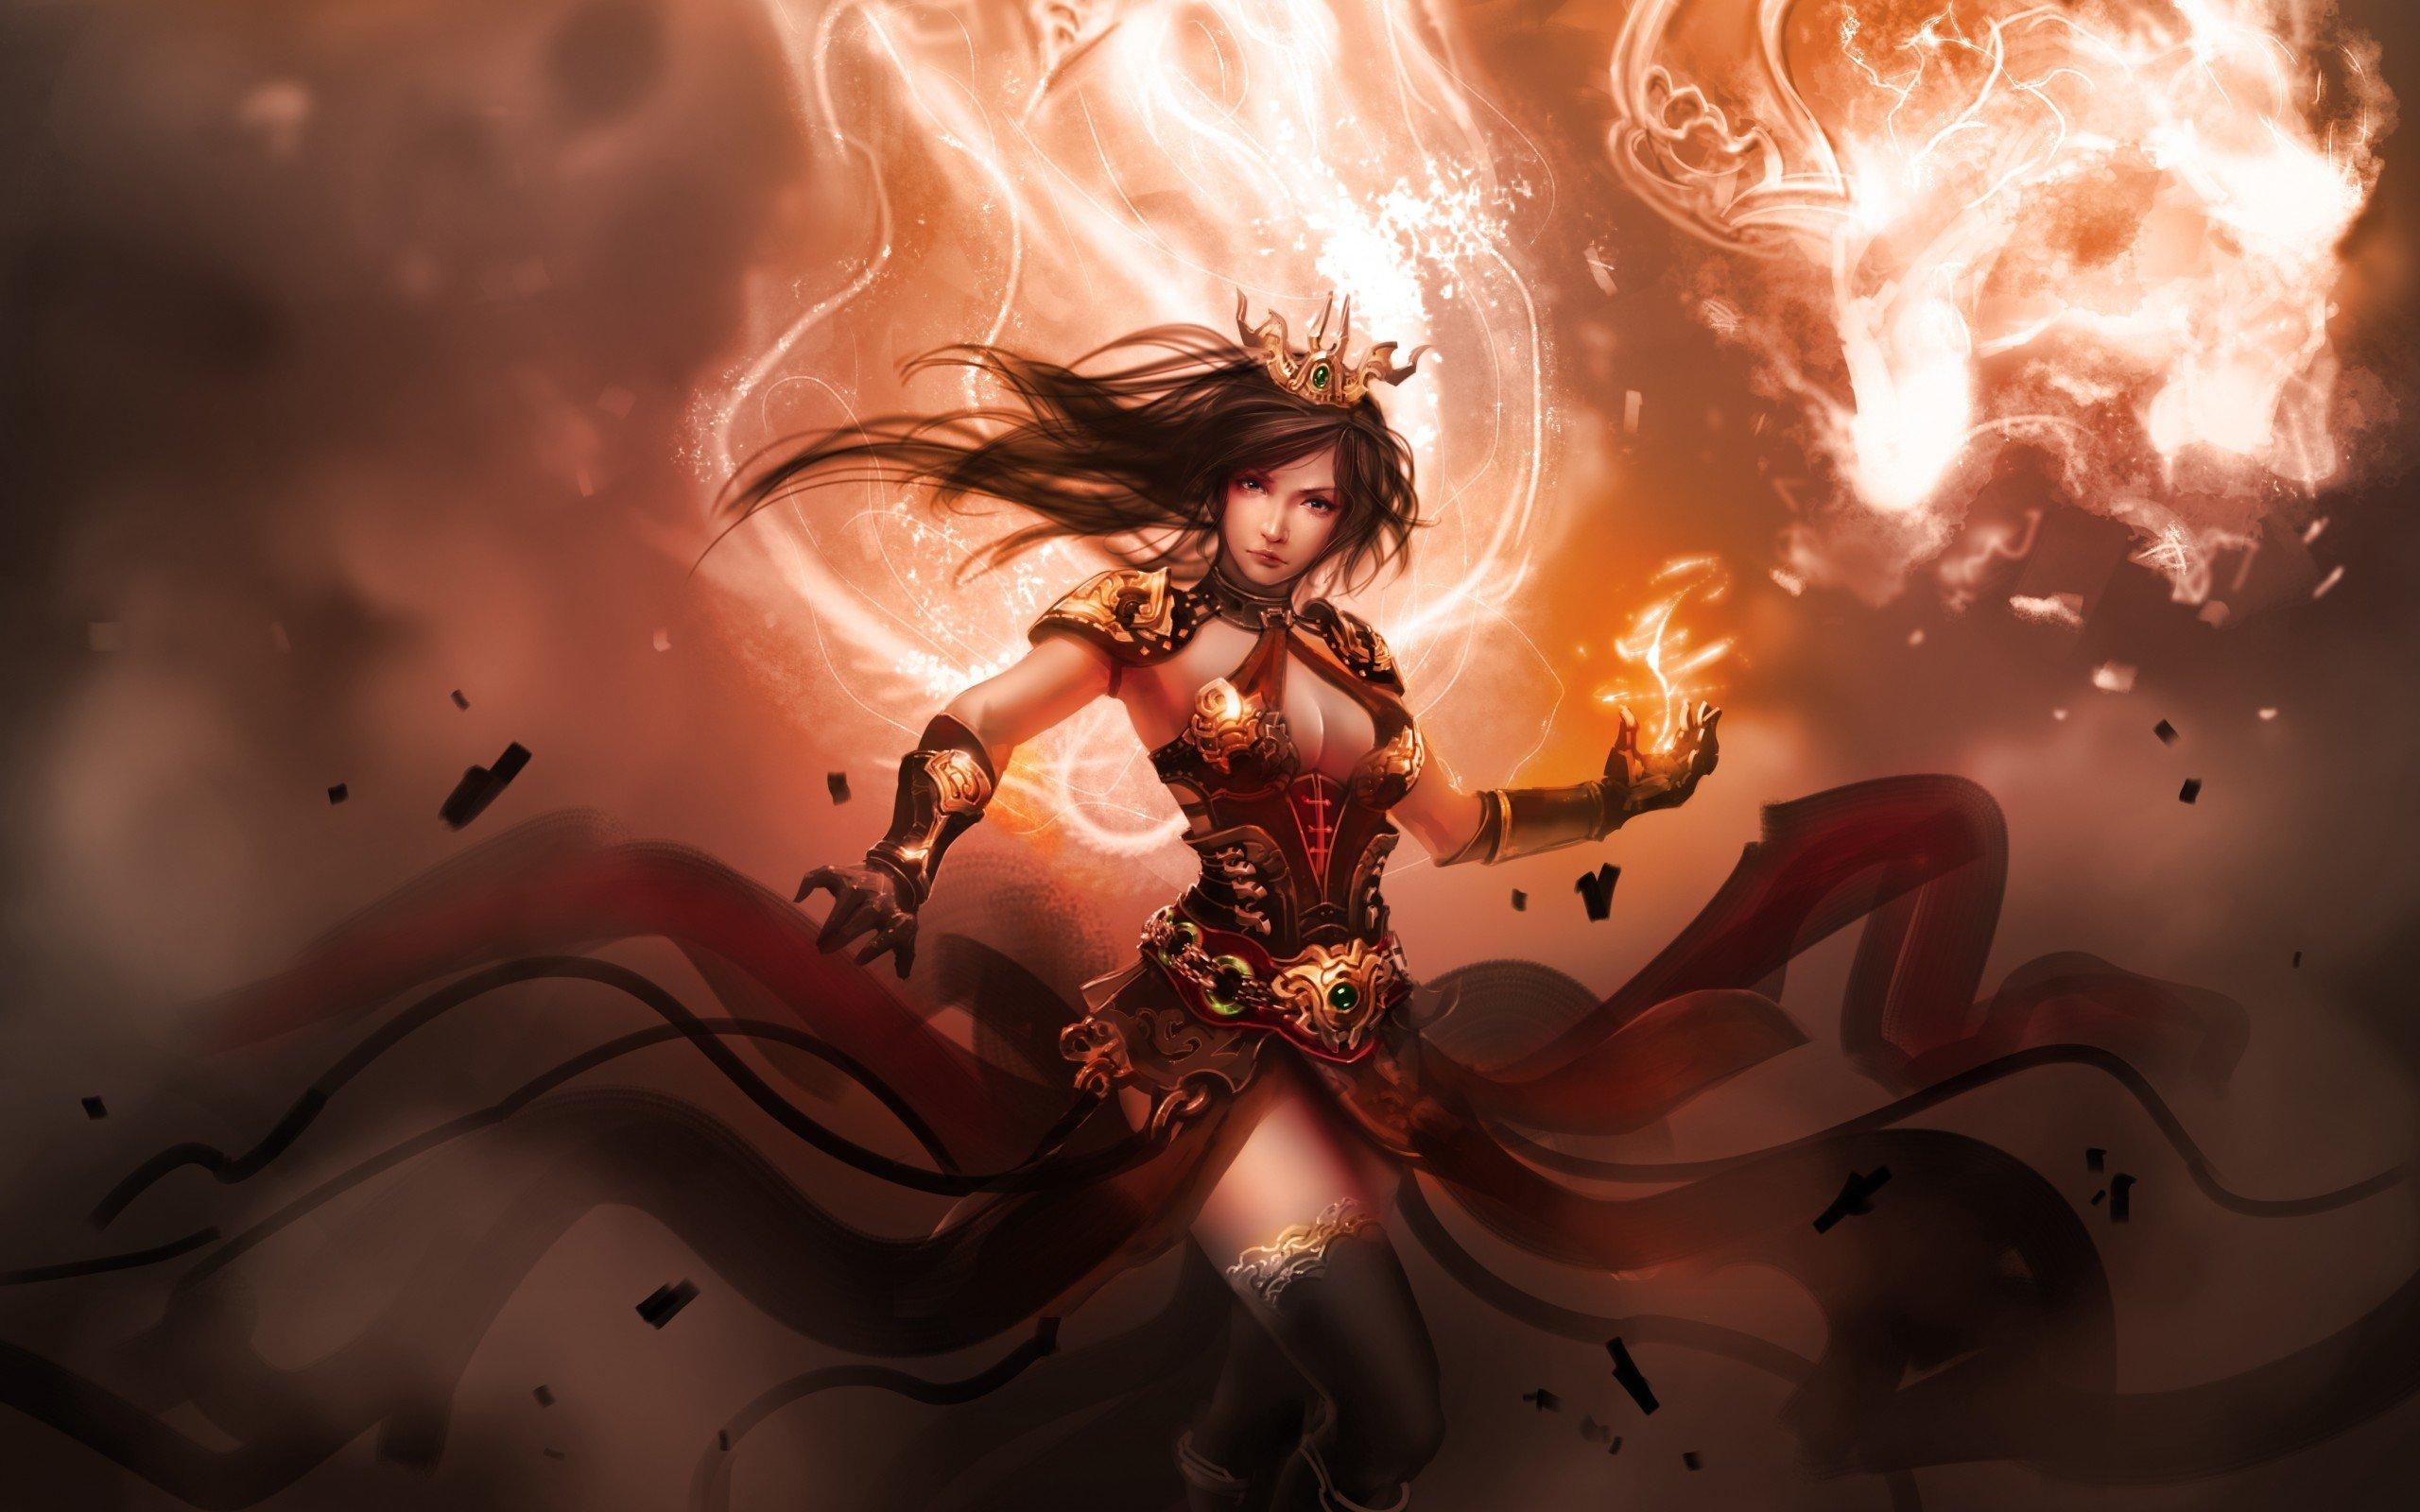 Fantasy Girl Power Wallpaper